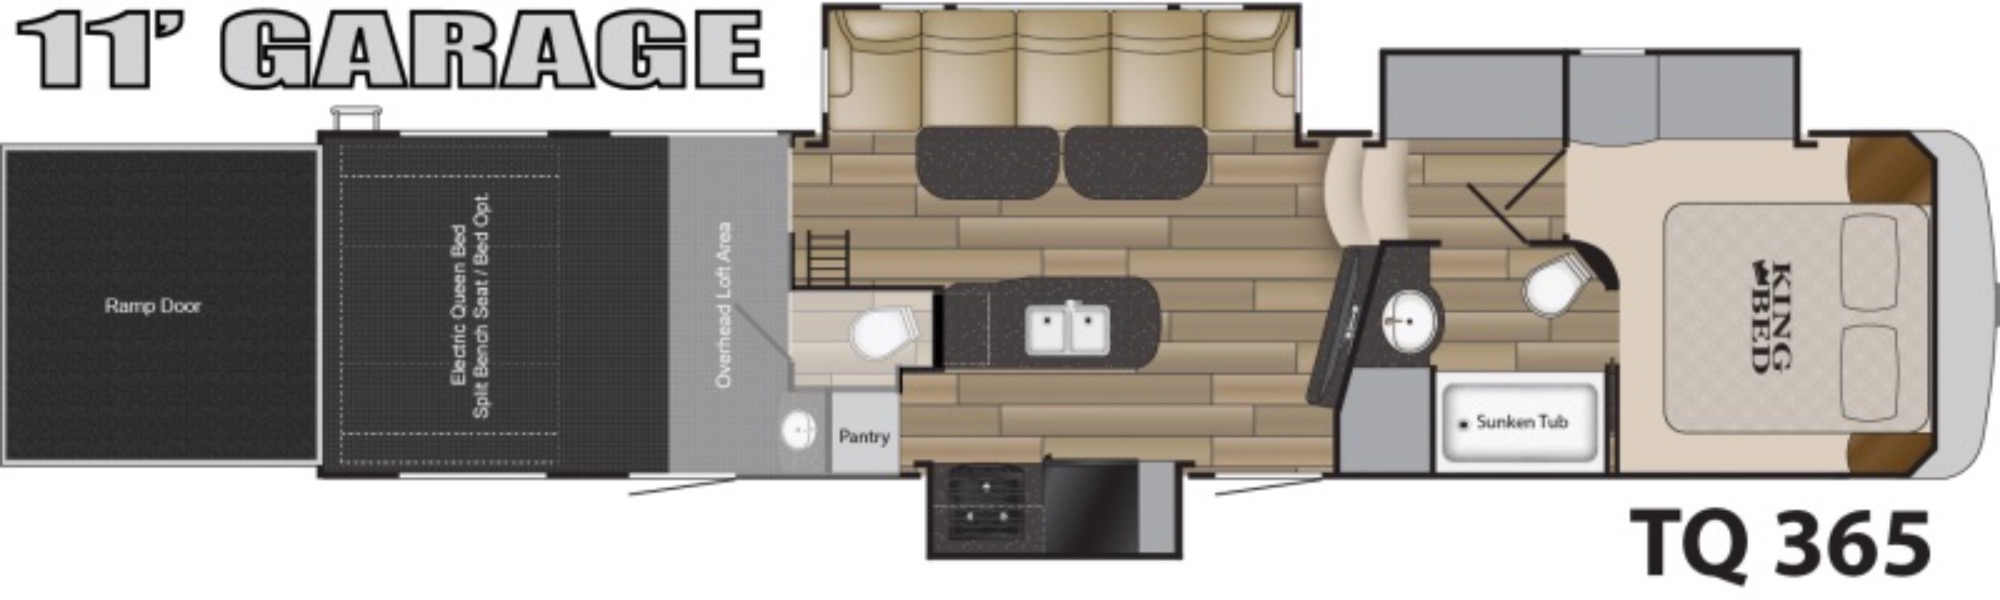 View Floor Plan for 2017 HEARTLAND TORQUE 365